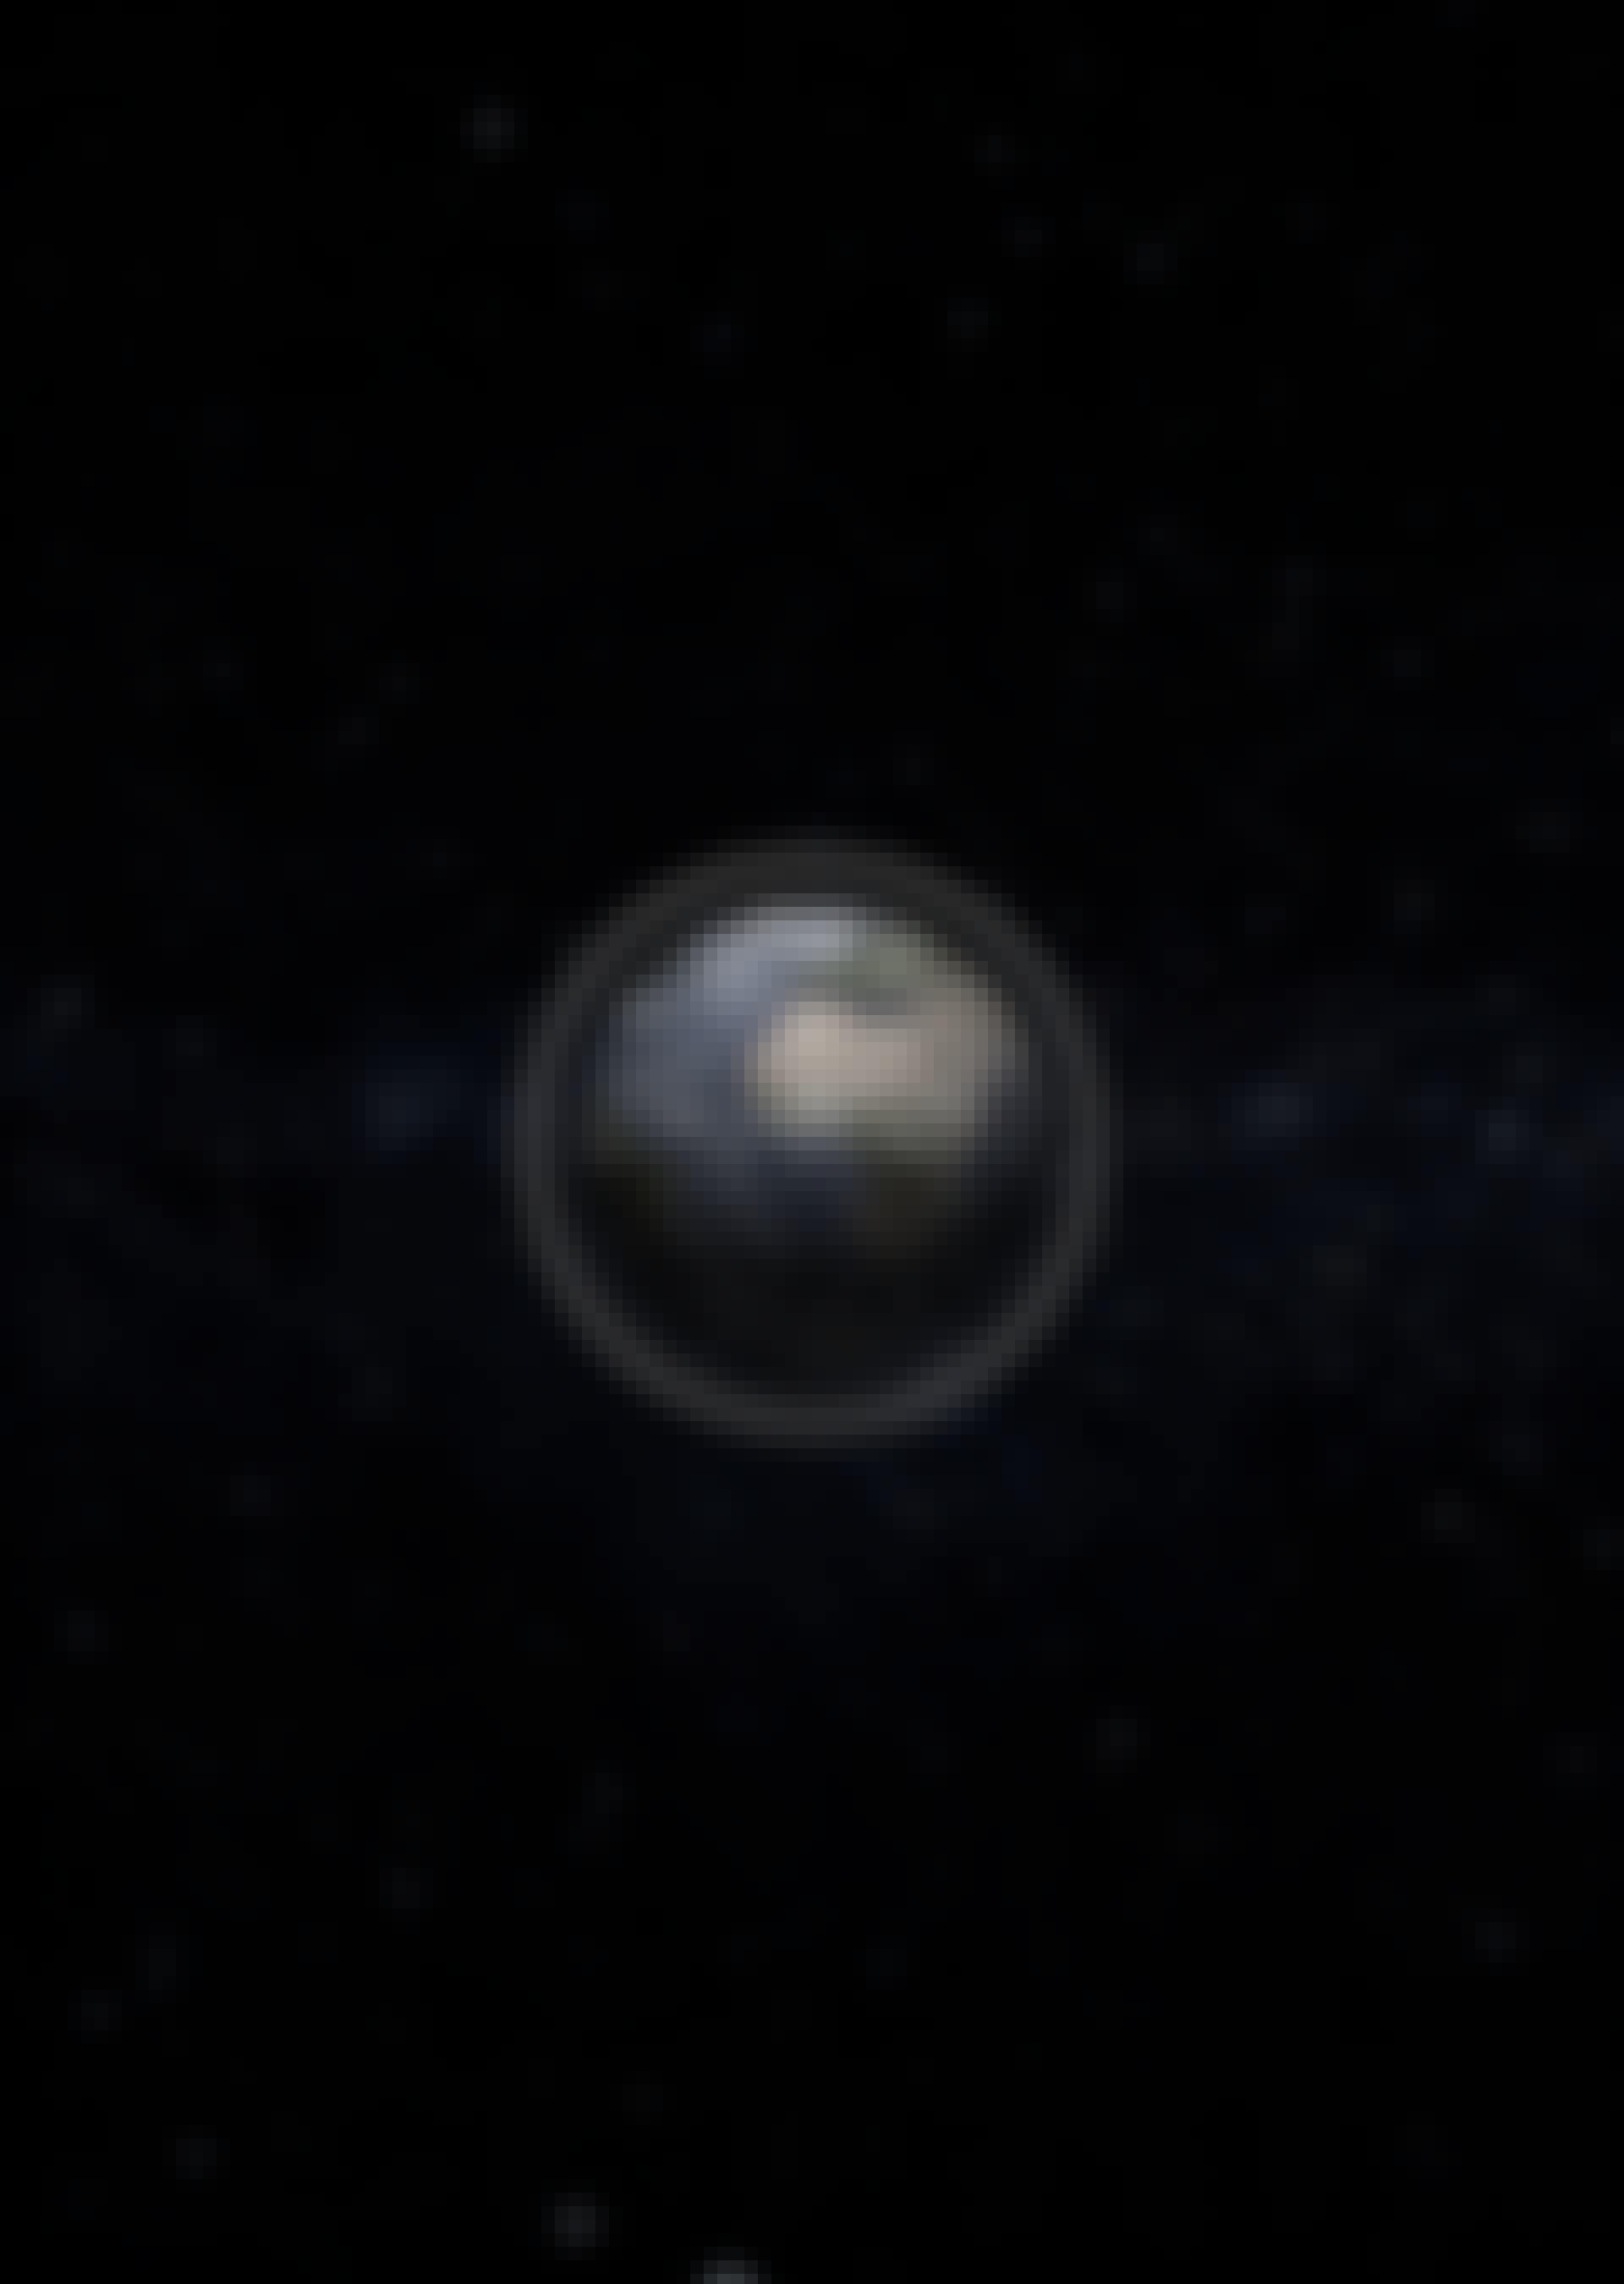 Maan ilmakehä stratosfääri